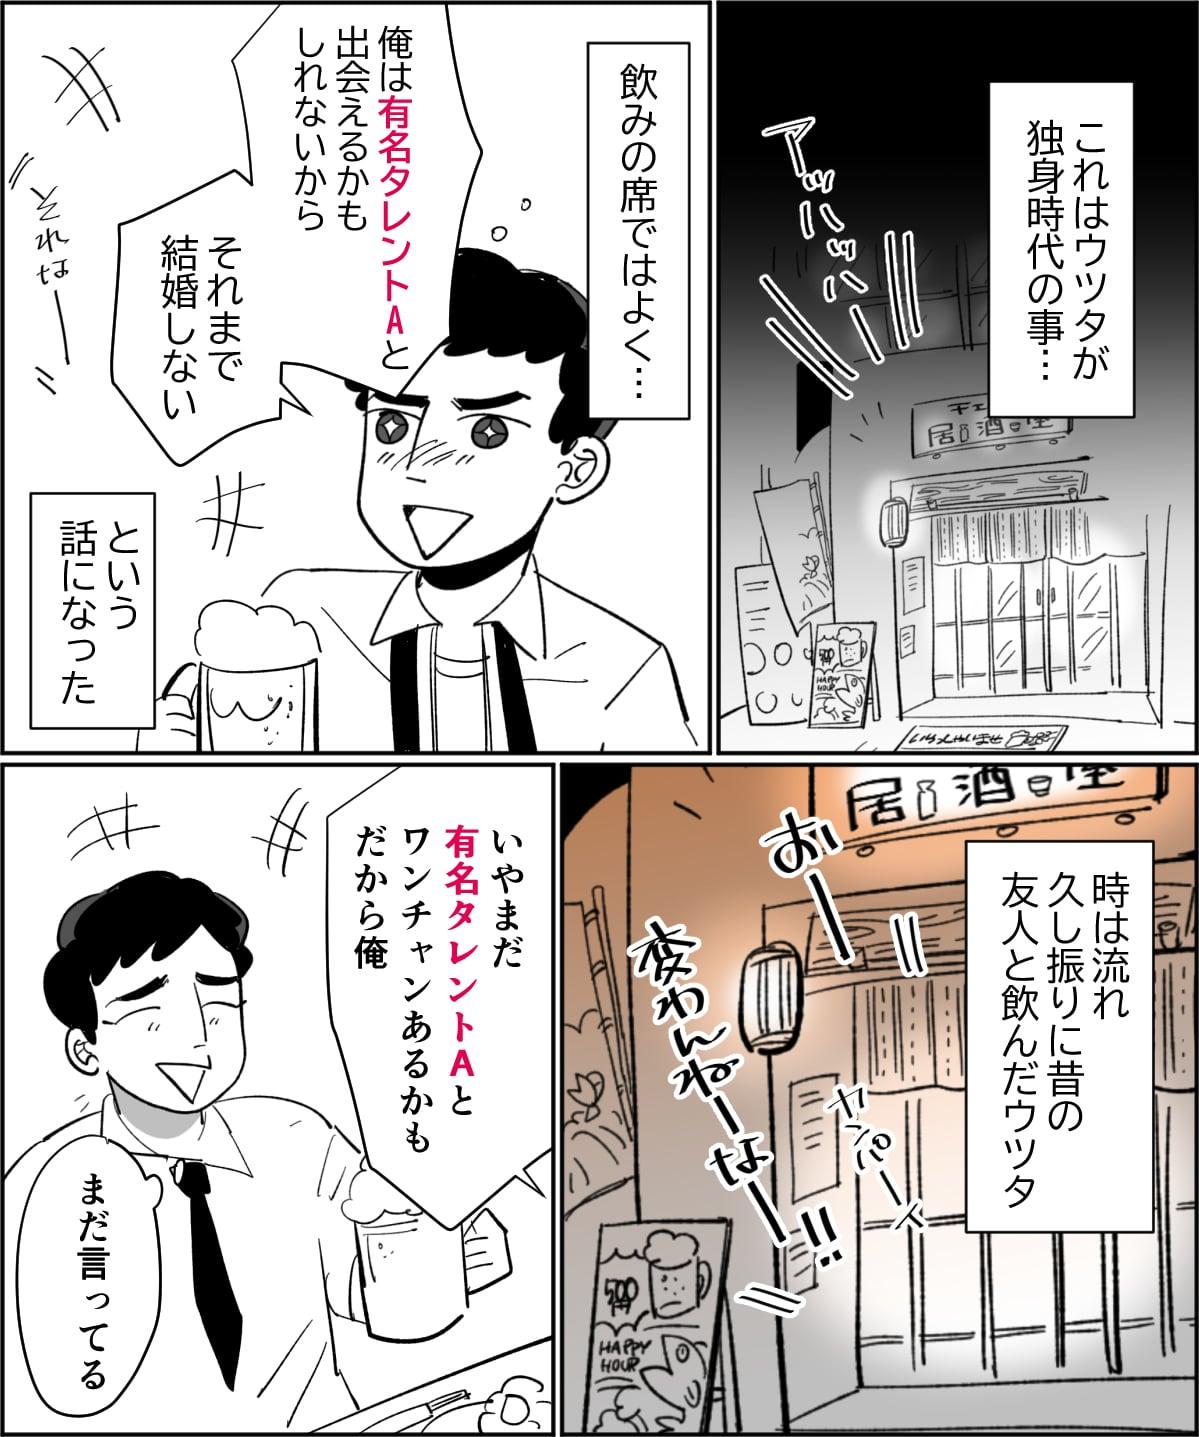 【ギリギリ旦那13】